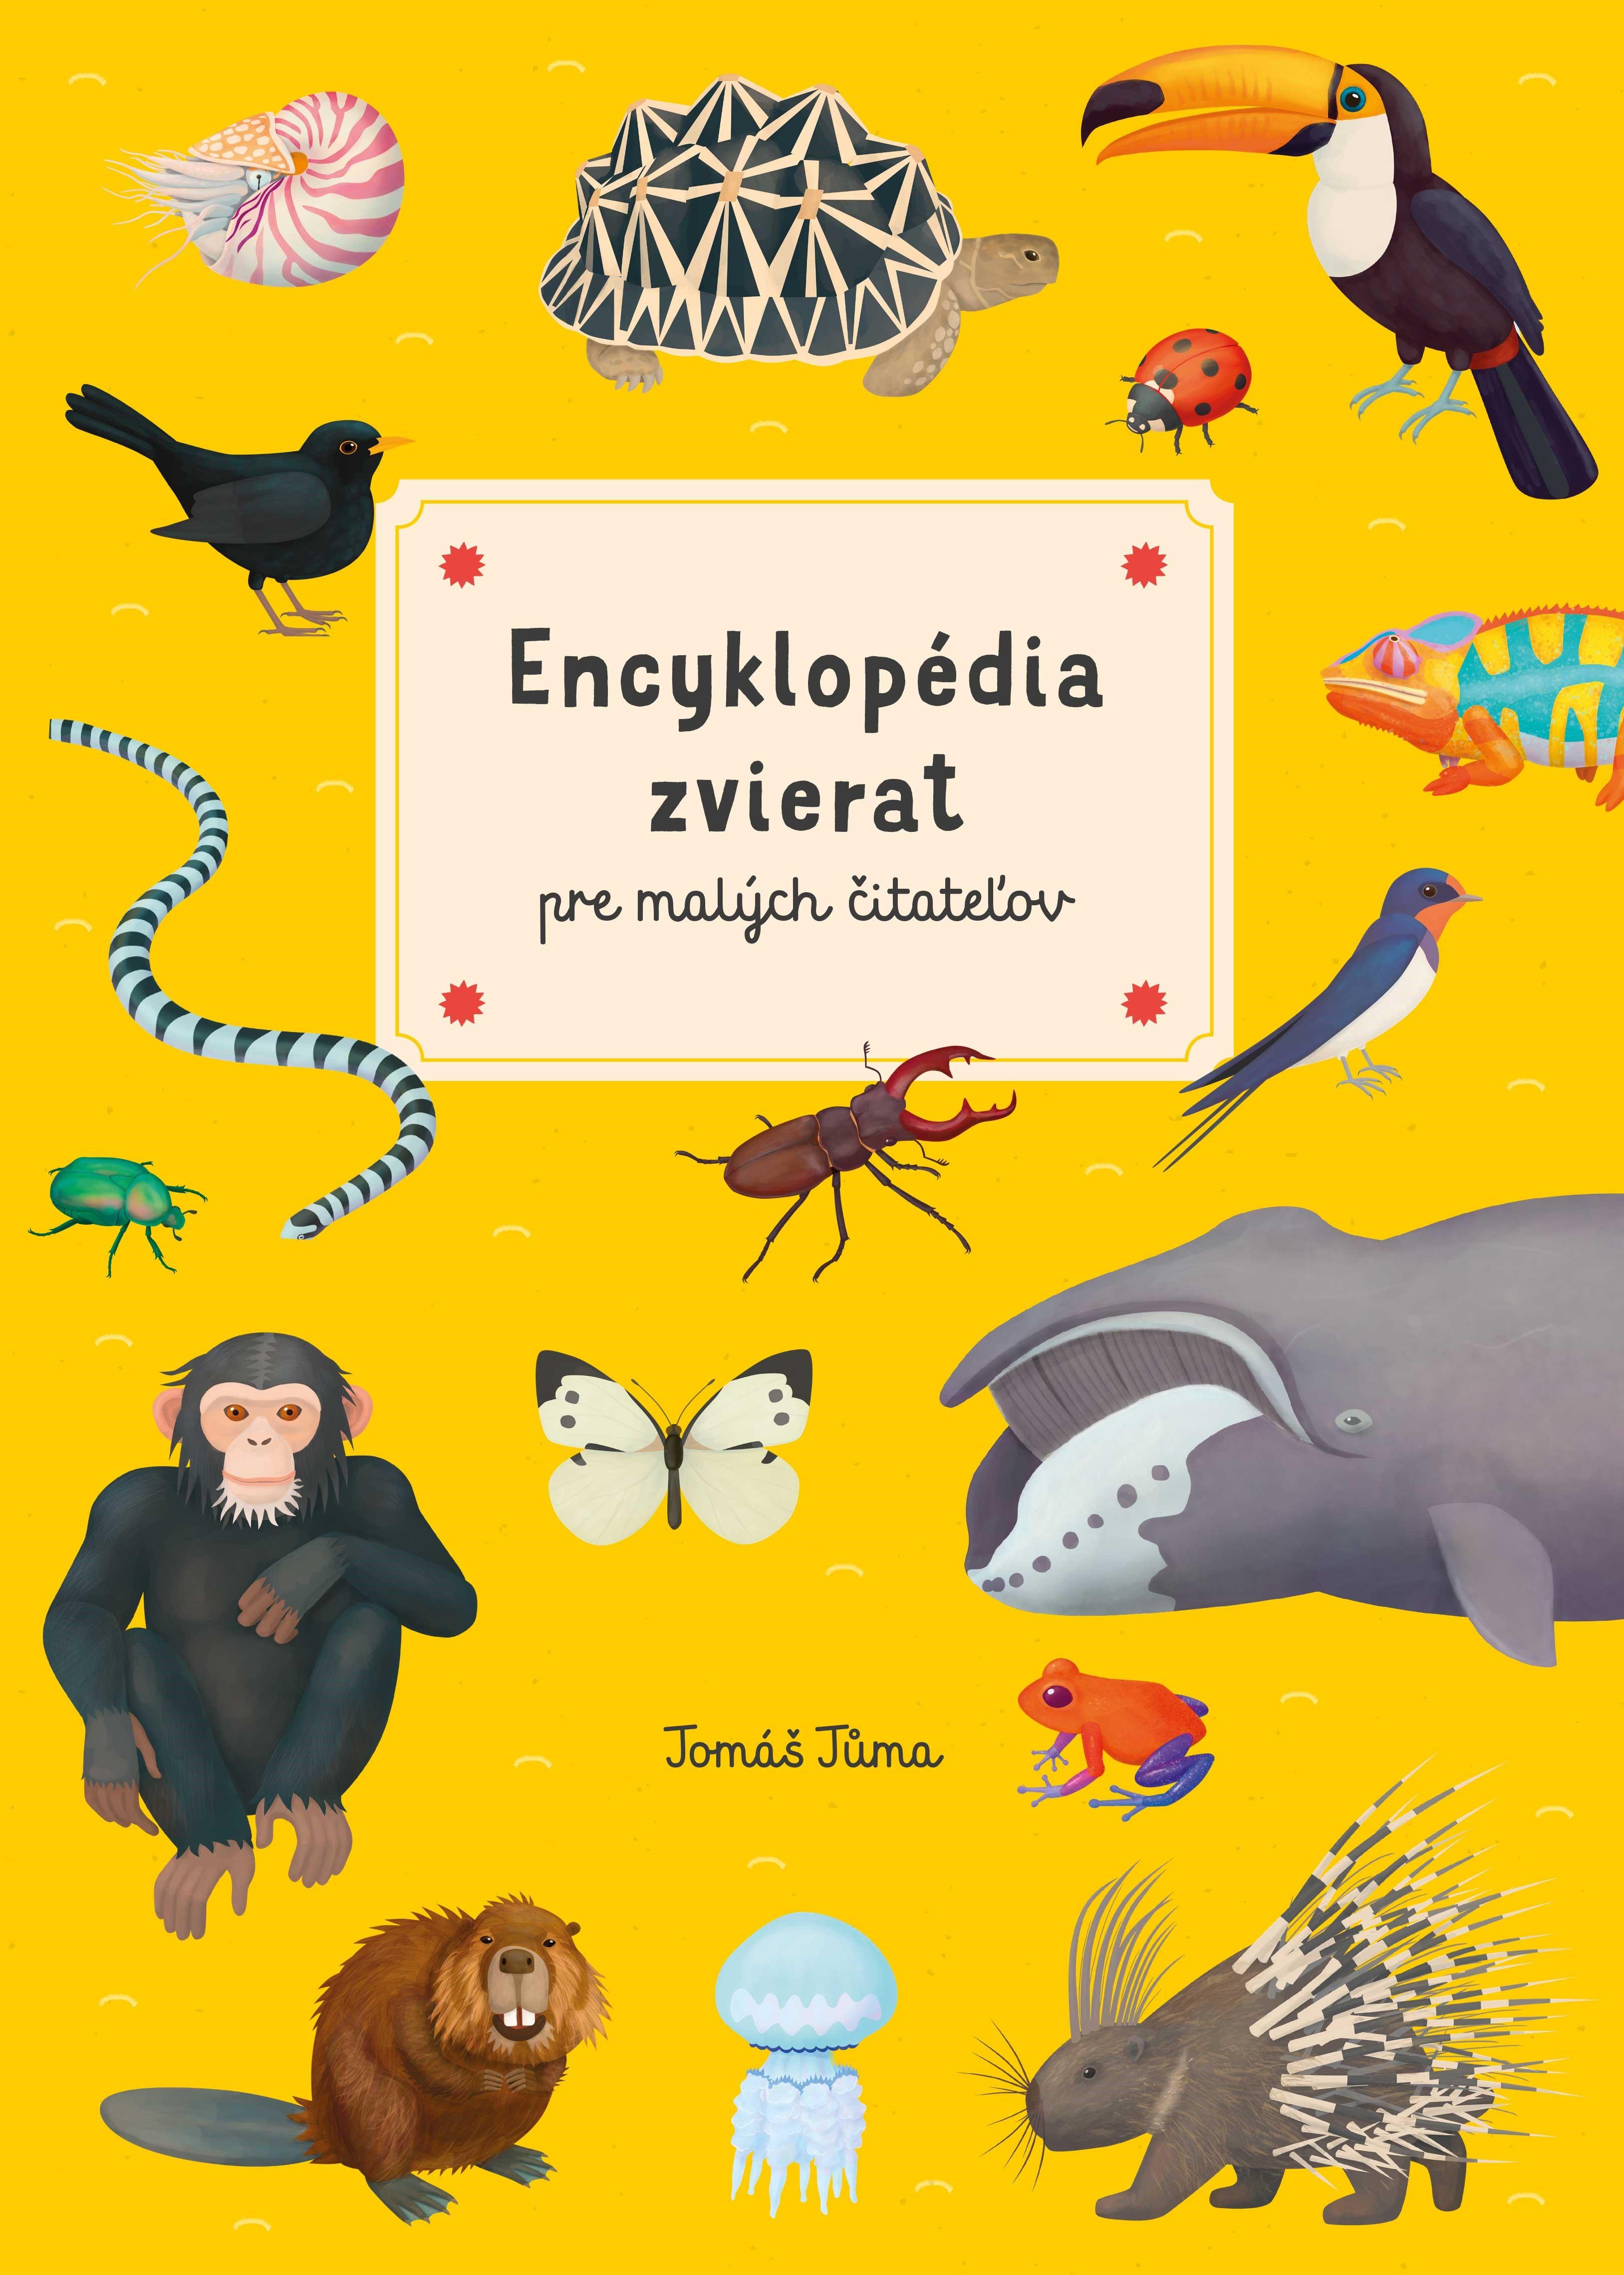 Encyklopédia zvierat pre malých čitateľo